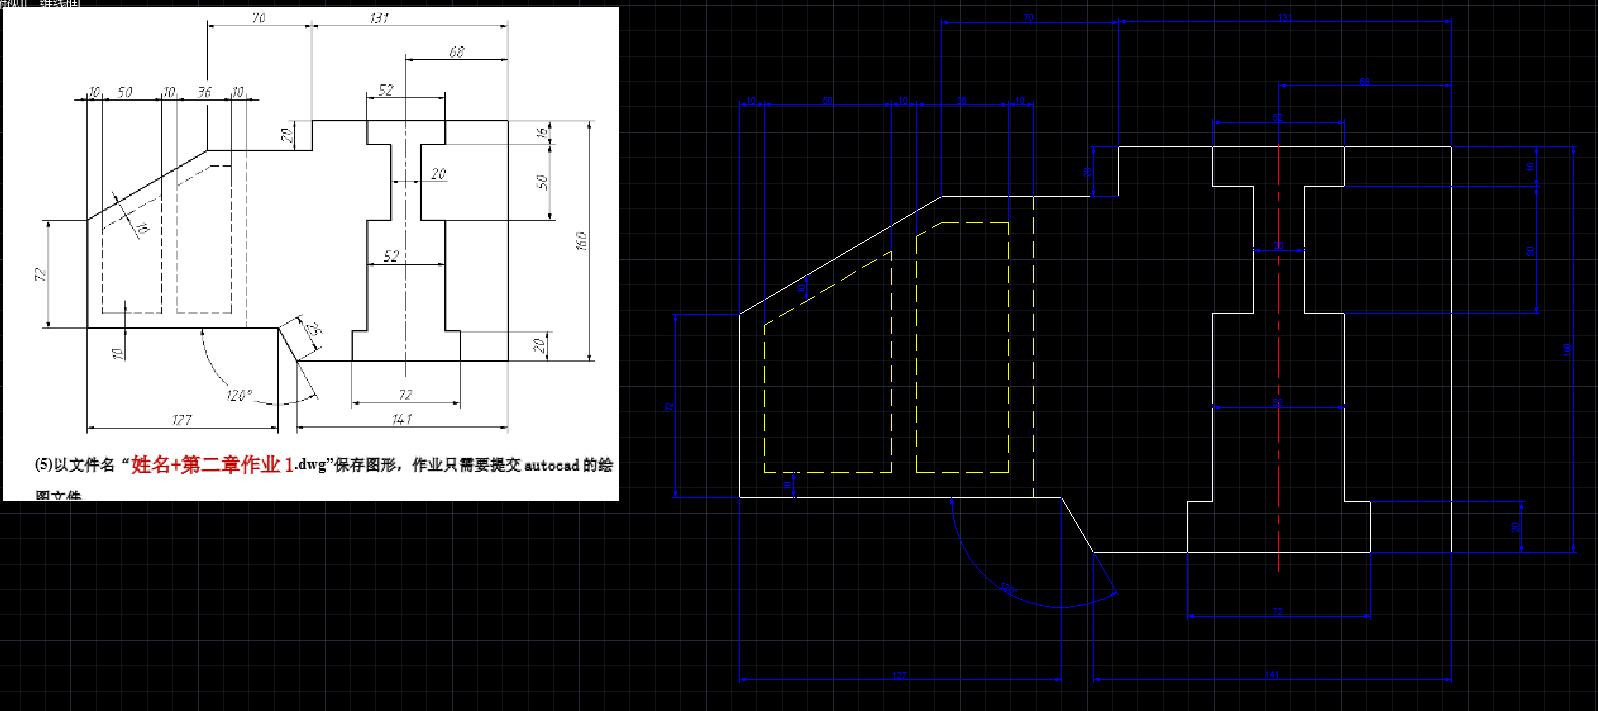 计算机辅助设计-第二章作业1参考插图